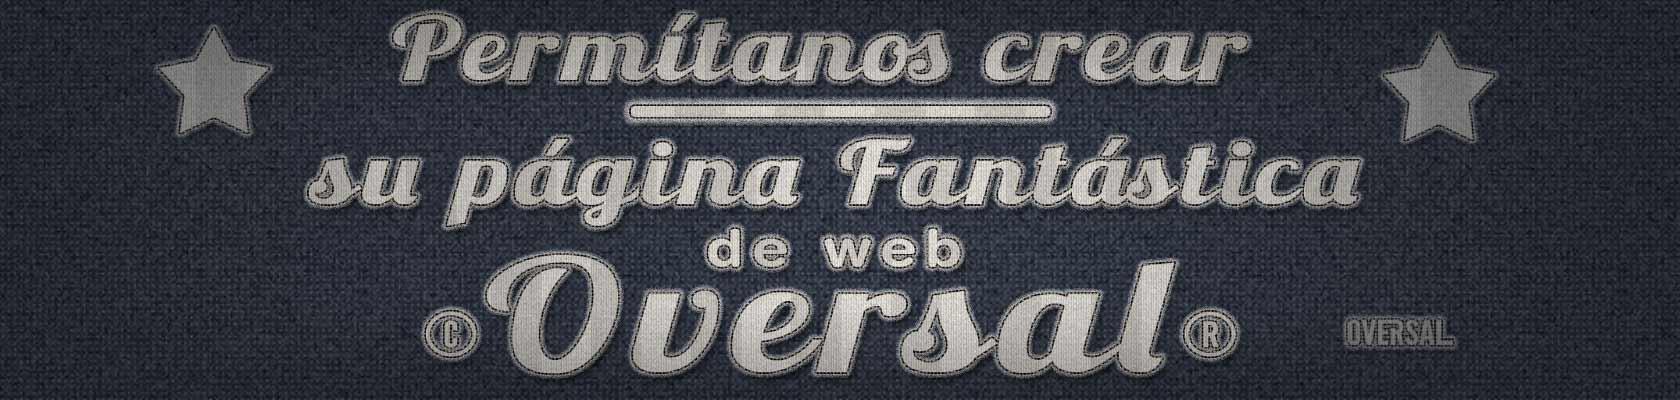 Fabric text with stars - Permítanos crear su página fantástica de web - Oversal